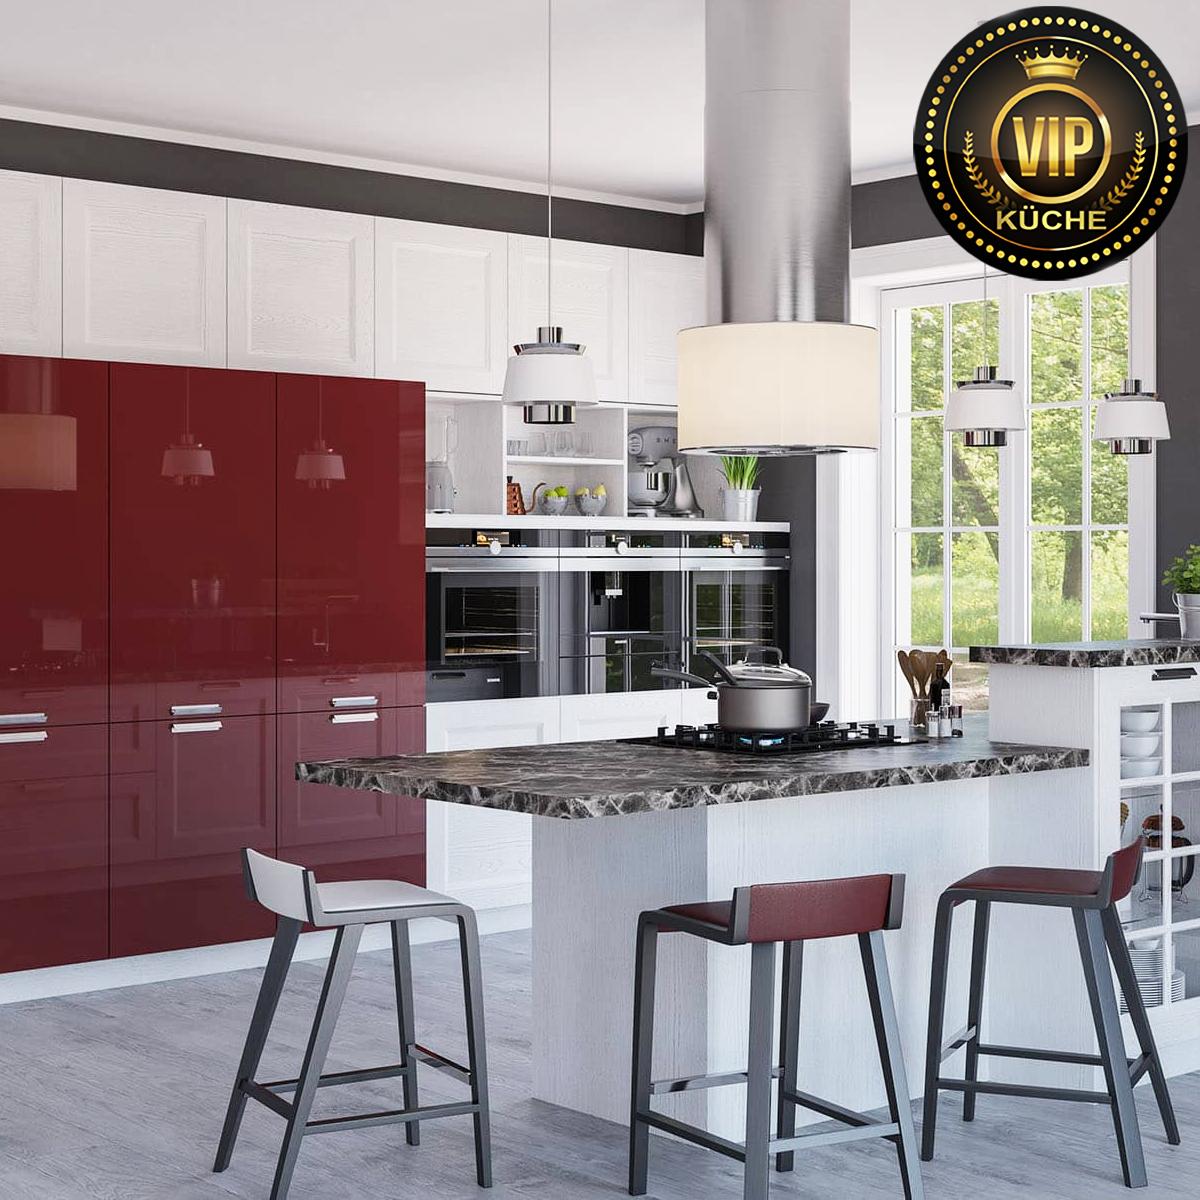 küche landhausstil weiß landhausküche kaufen moderne küchen mit kochinsel massivholz